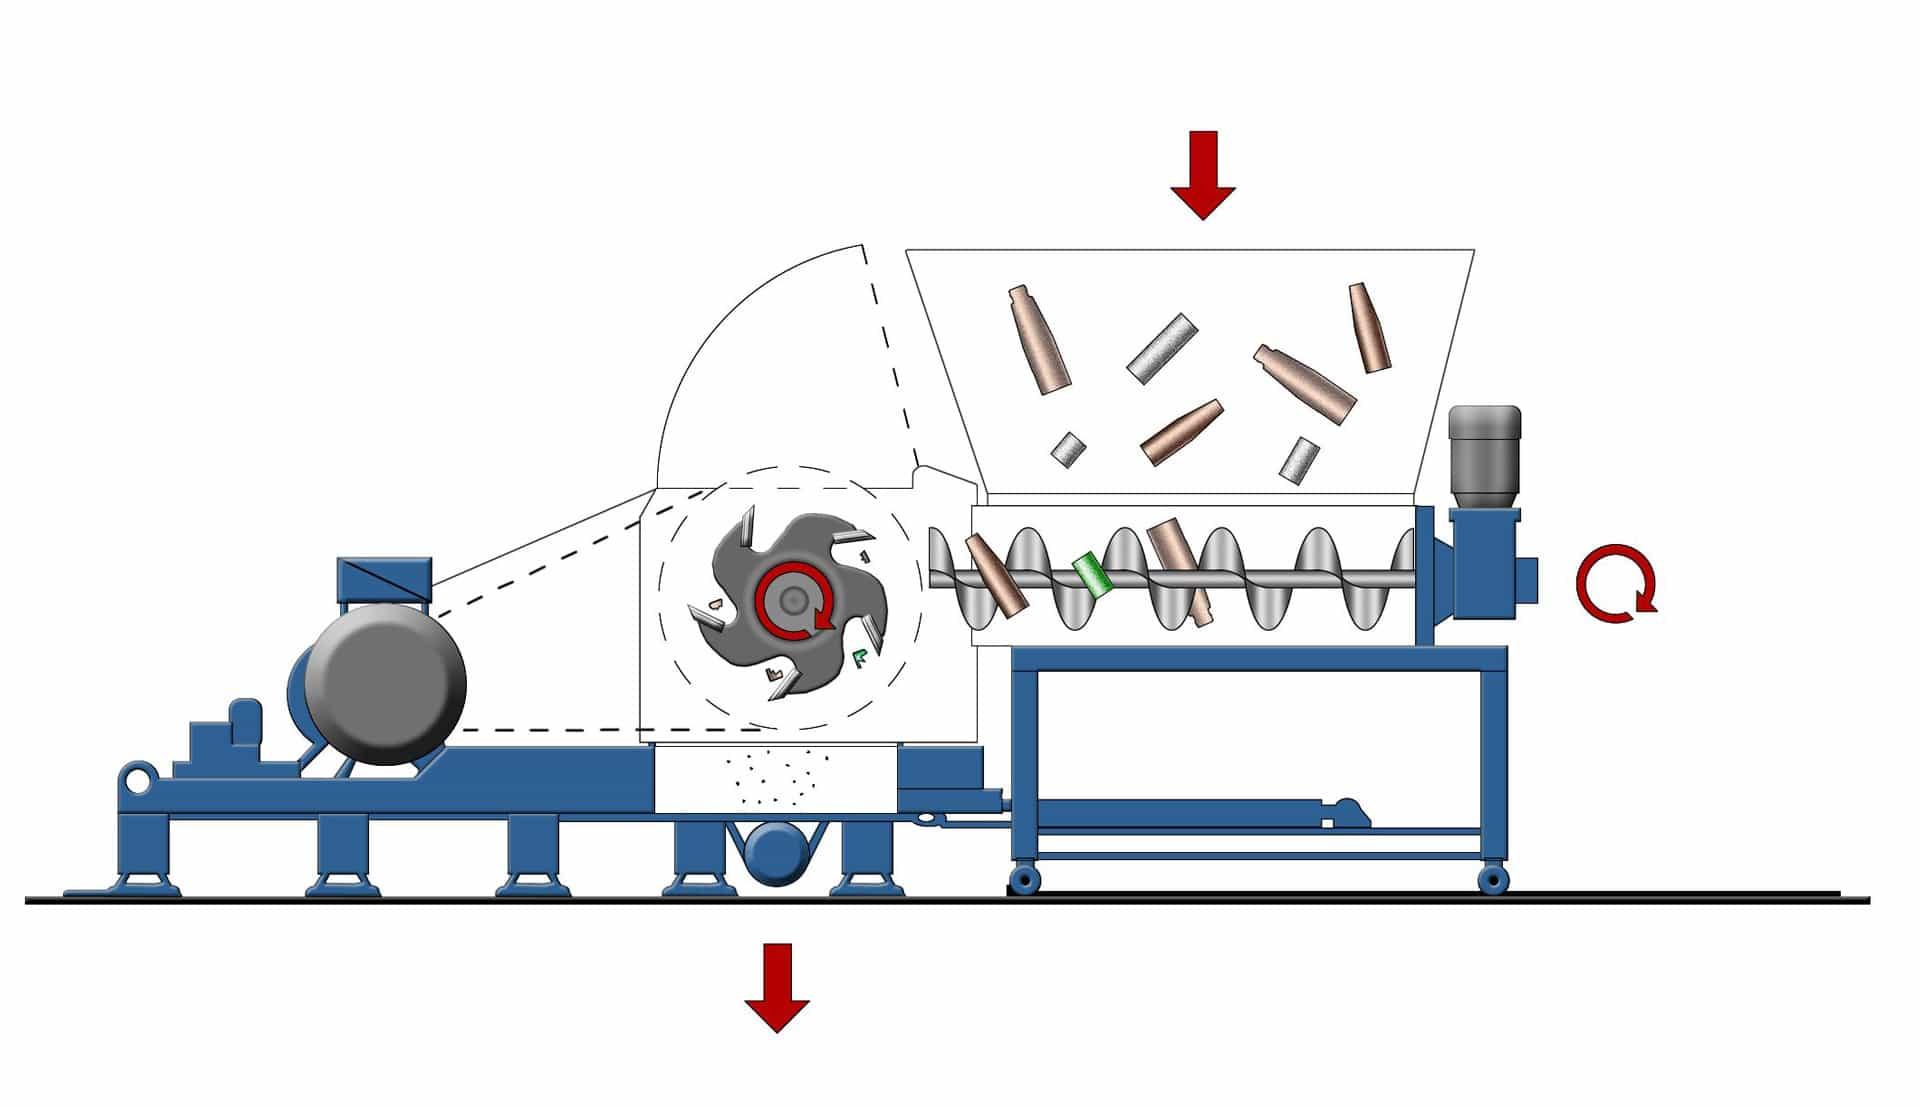 SML-60-145-SB Schemazeichnung | Herbold Meckesheim